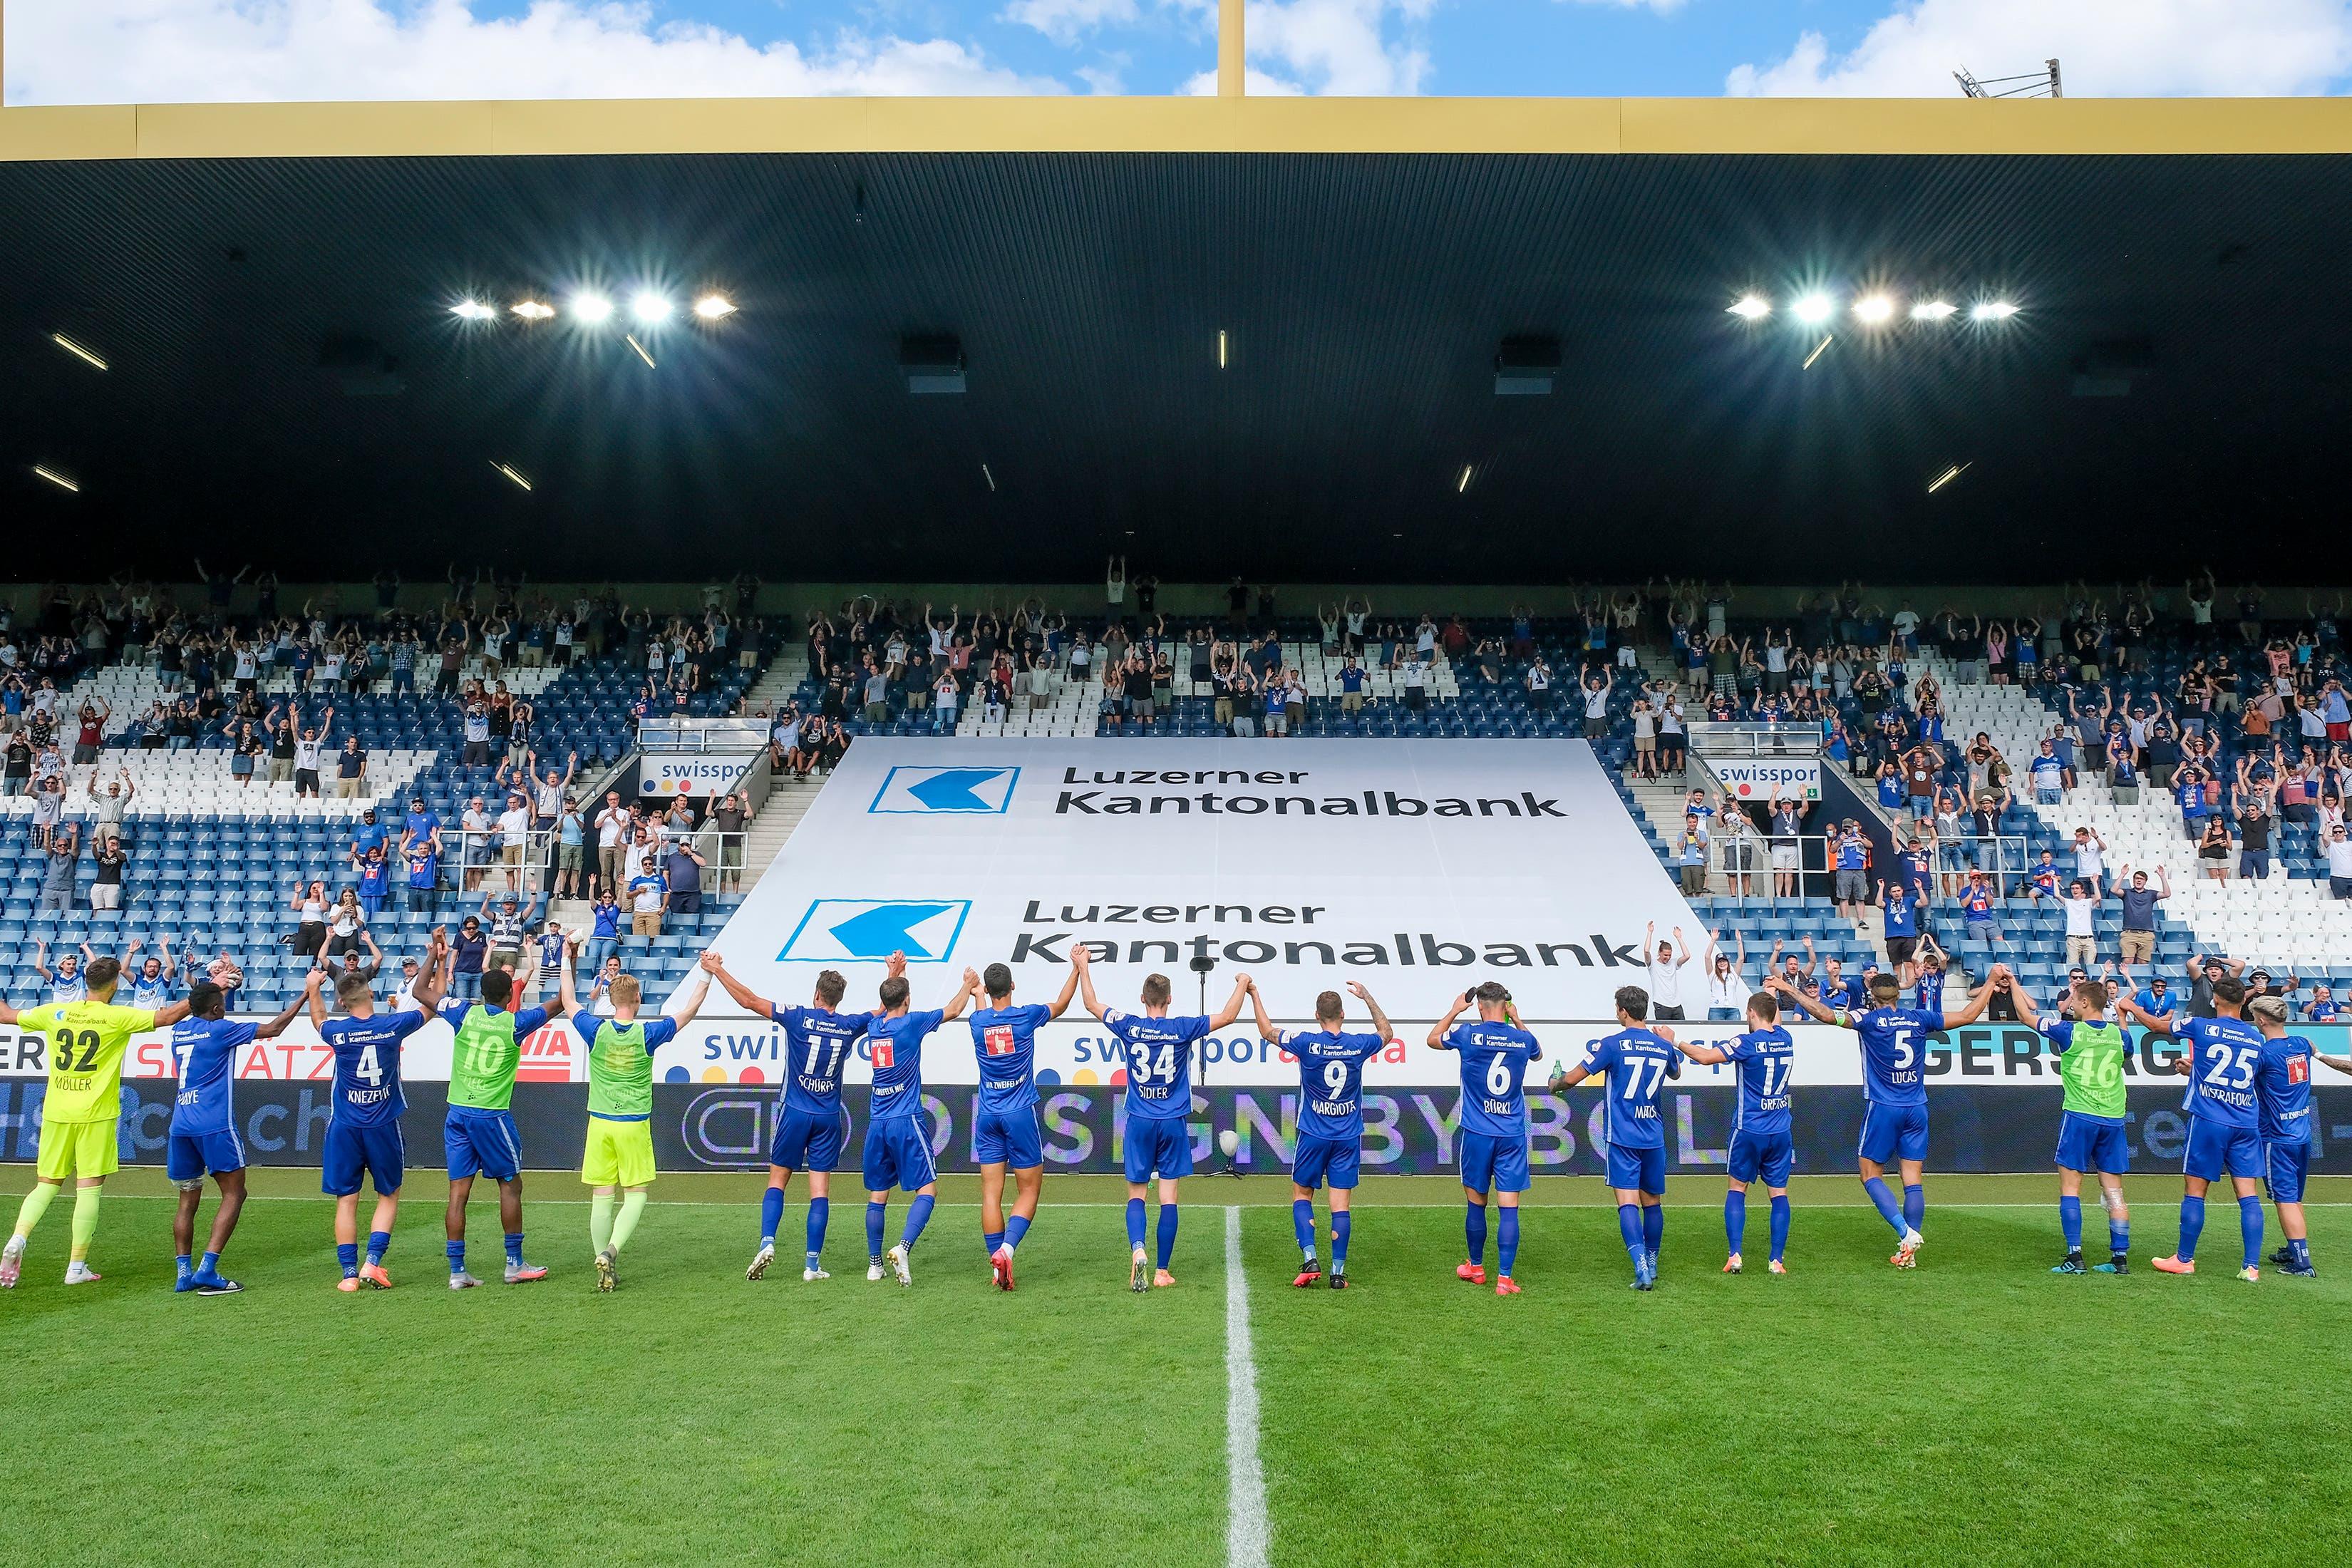 Nach dem Match lassen sich die Spieler von ihren Fans auf der Gegentribüne feiern.